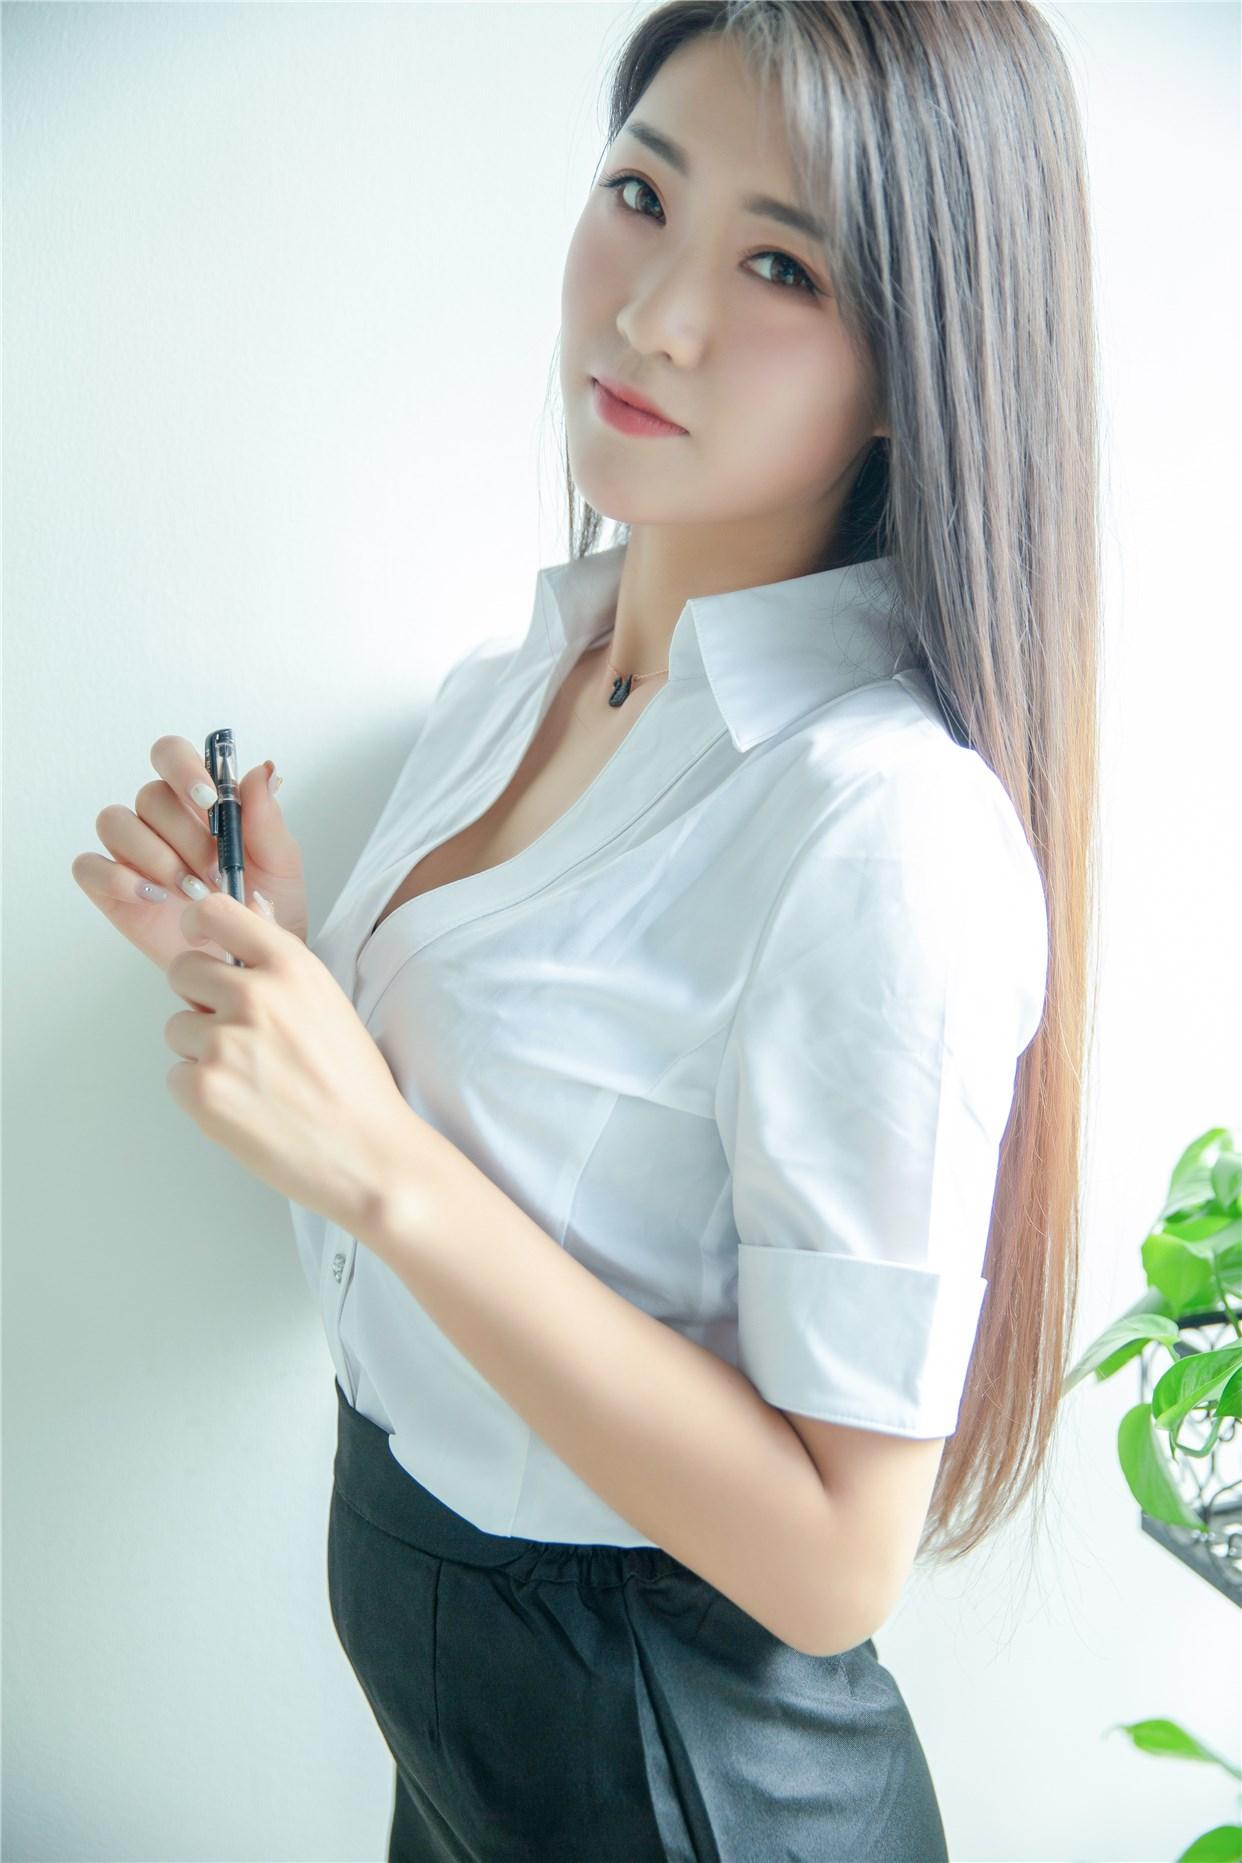 【兔玩映画】秘书姐姐 兔玩映画 第28张